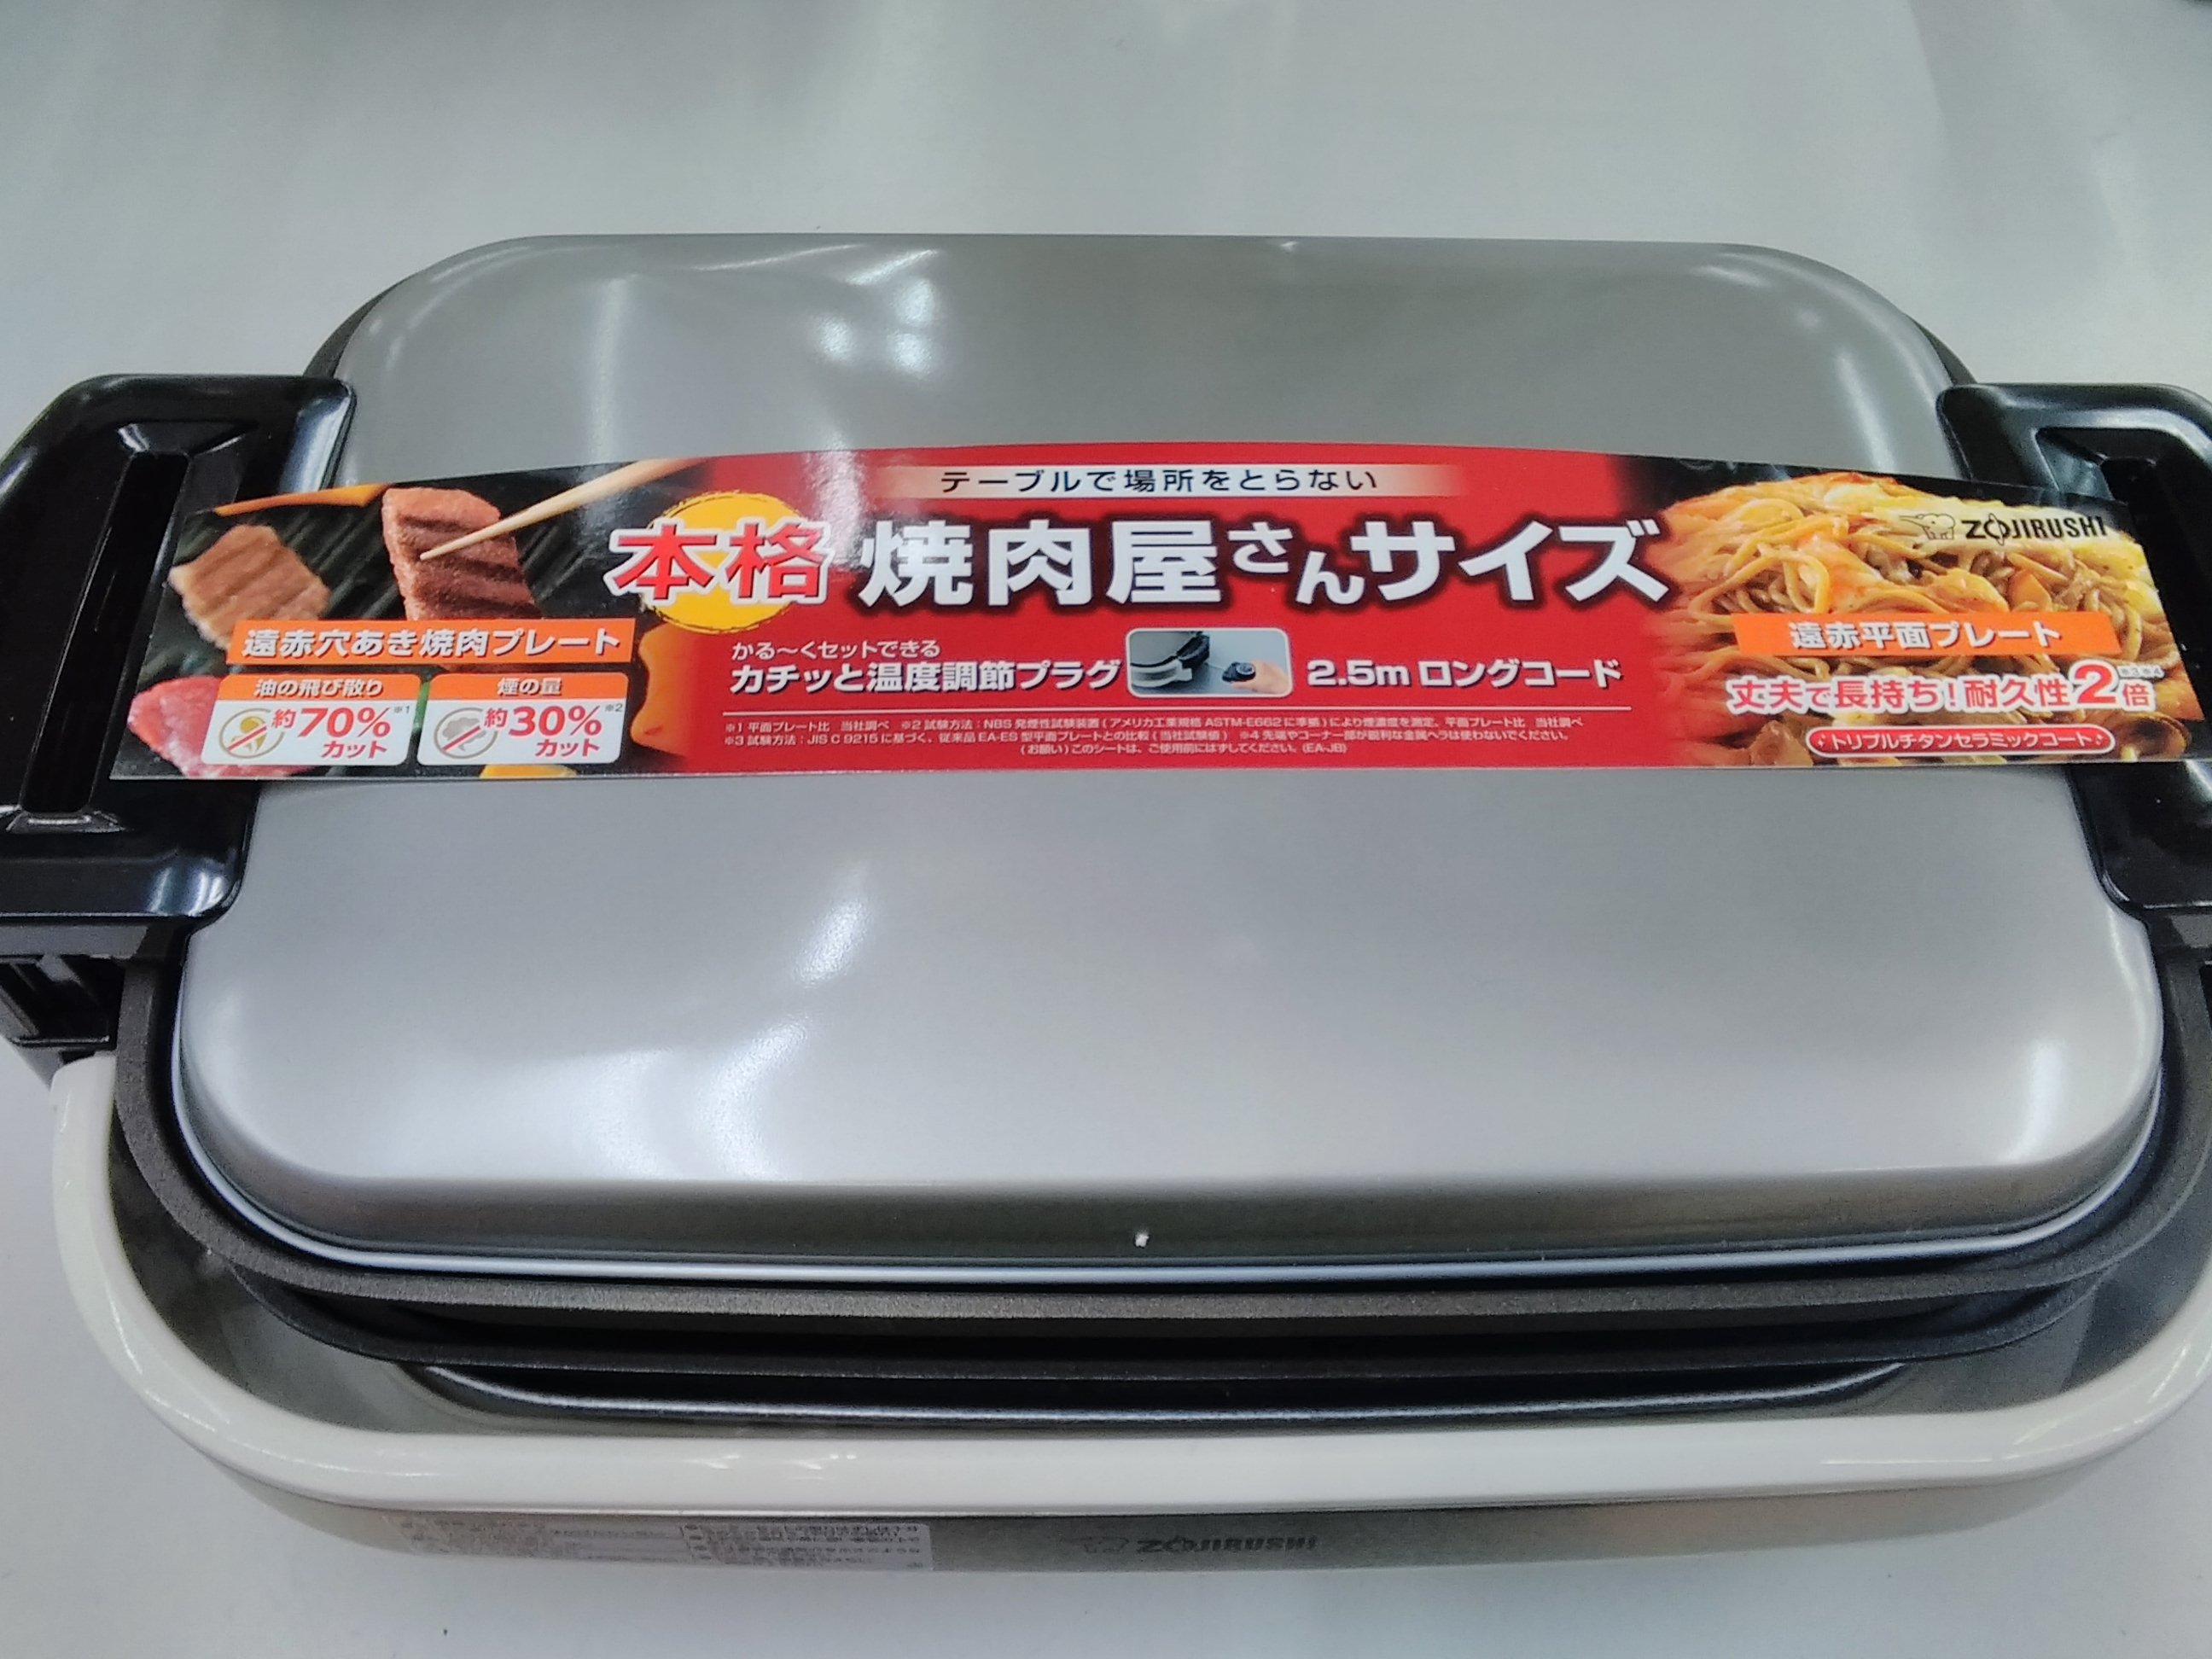 【未使用品】ホットプレート タイガー